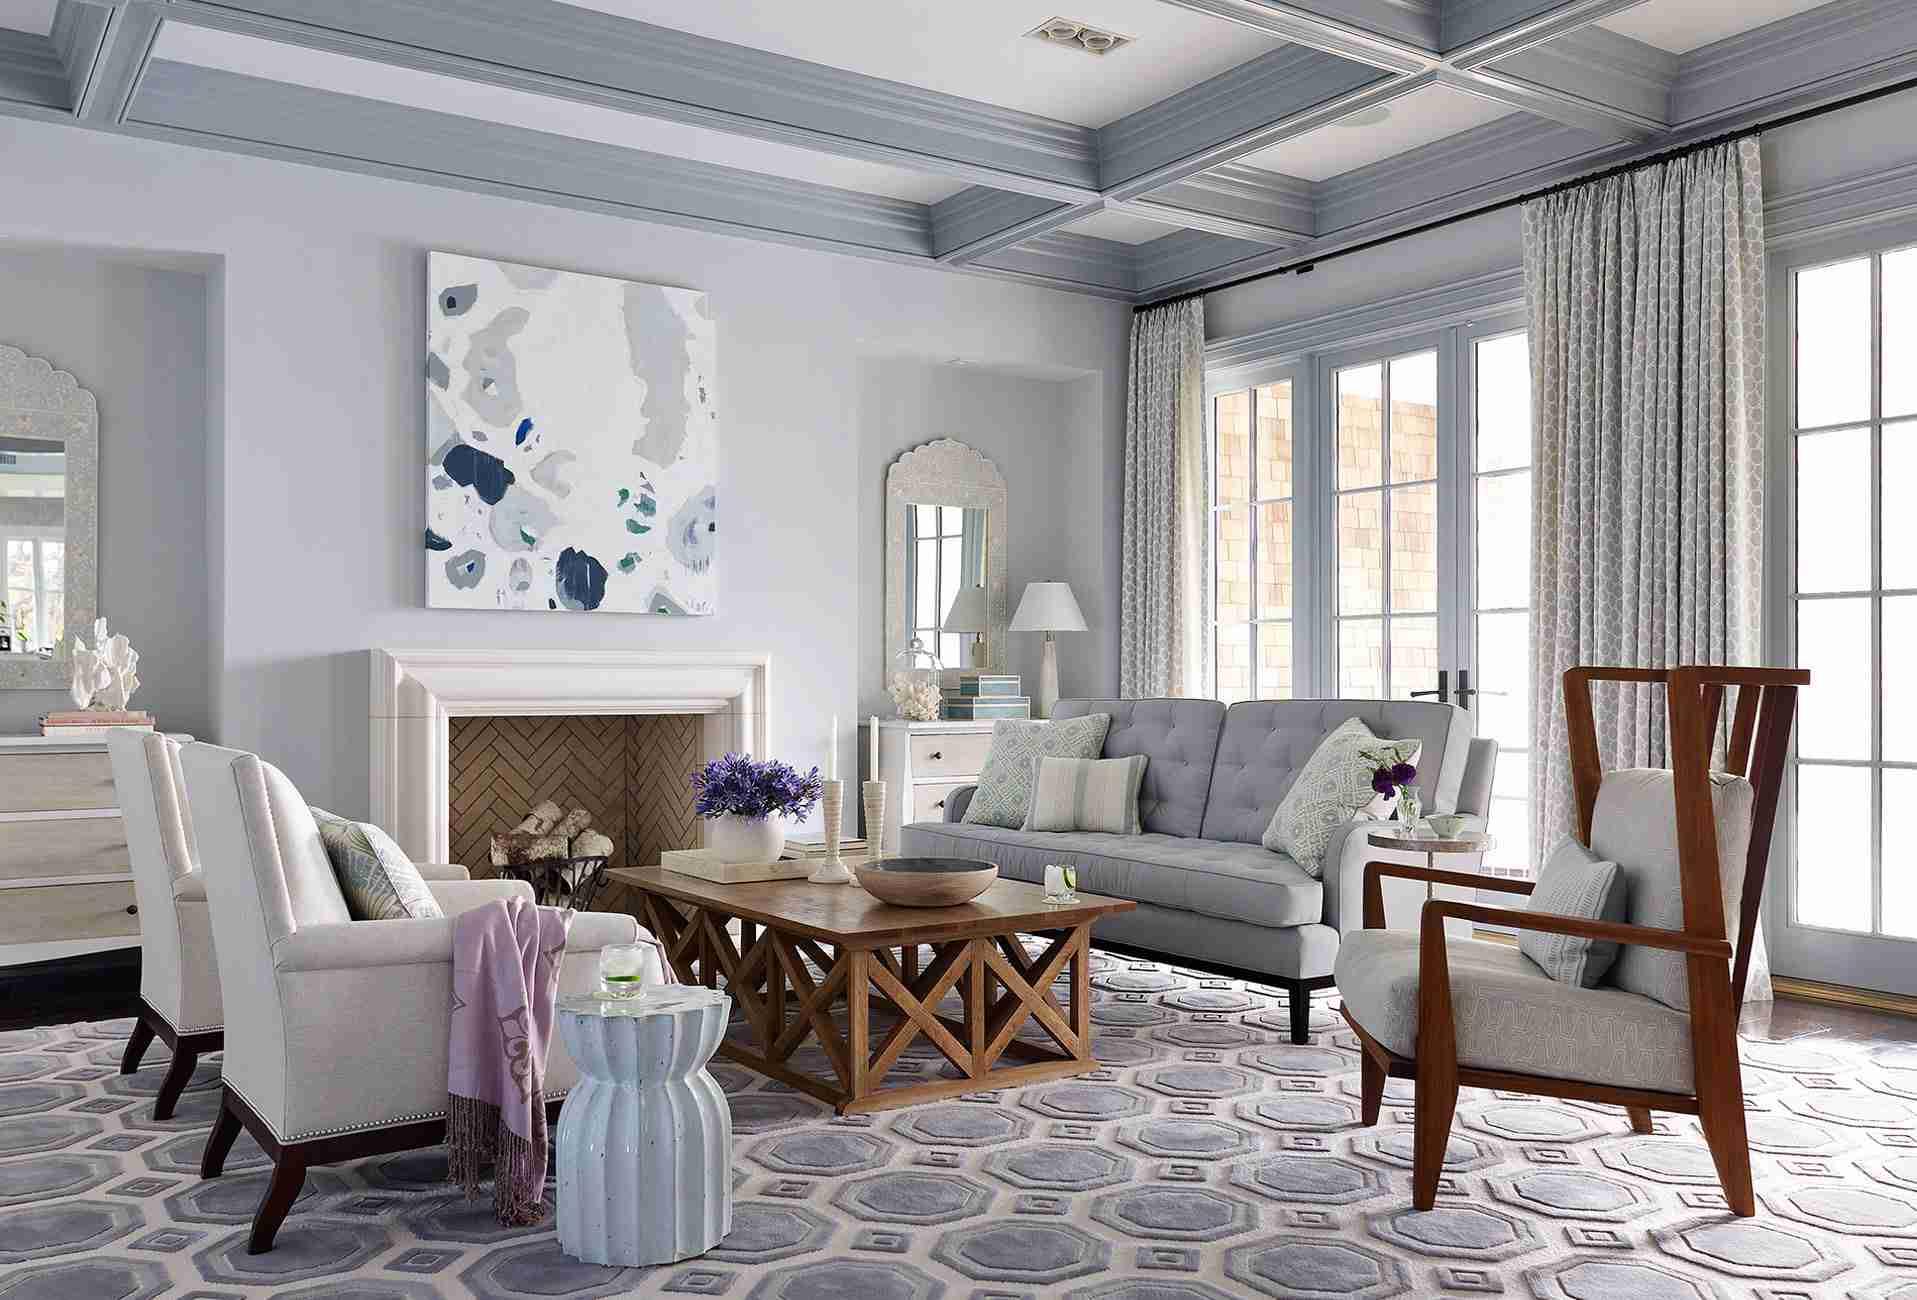 coffer ceiling unique paint job